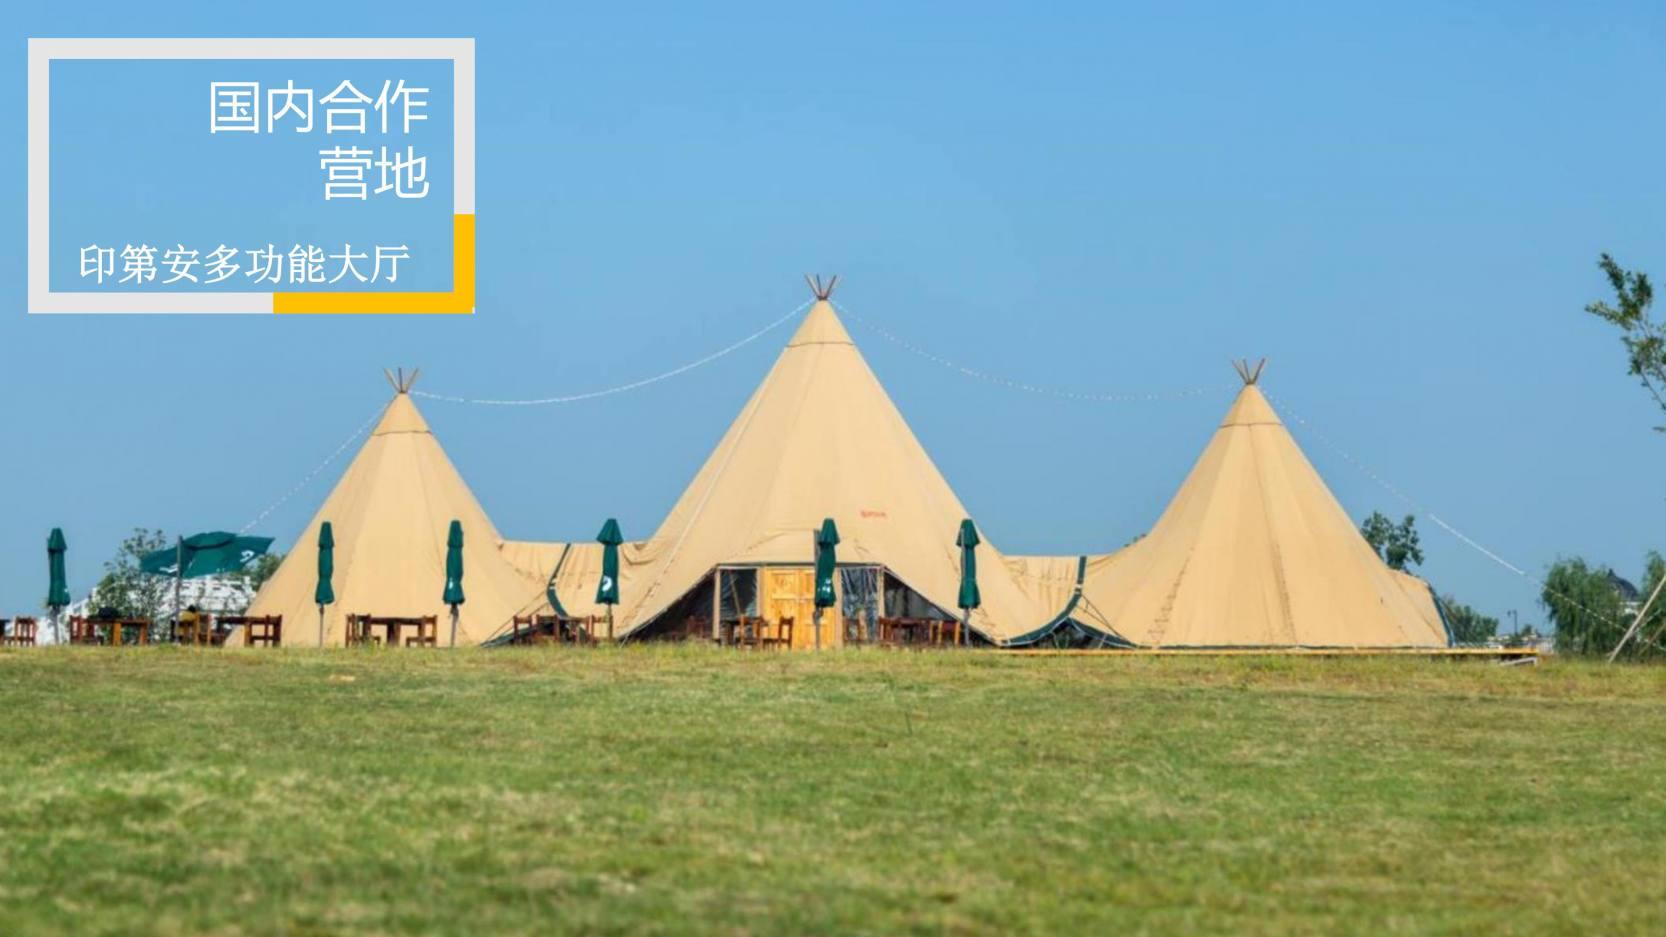 喜马拉雅野奢帐篷 (14)